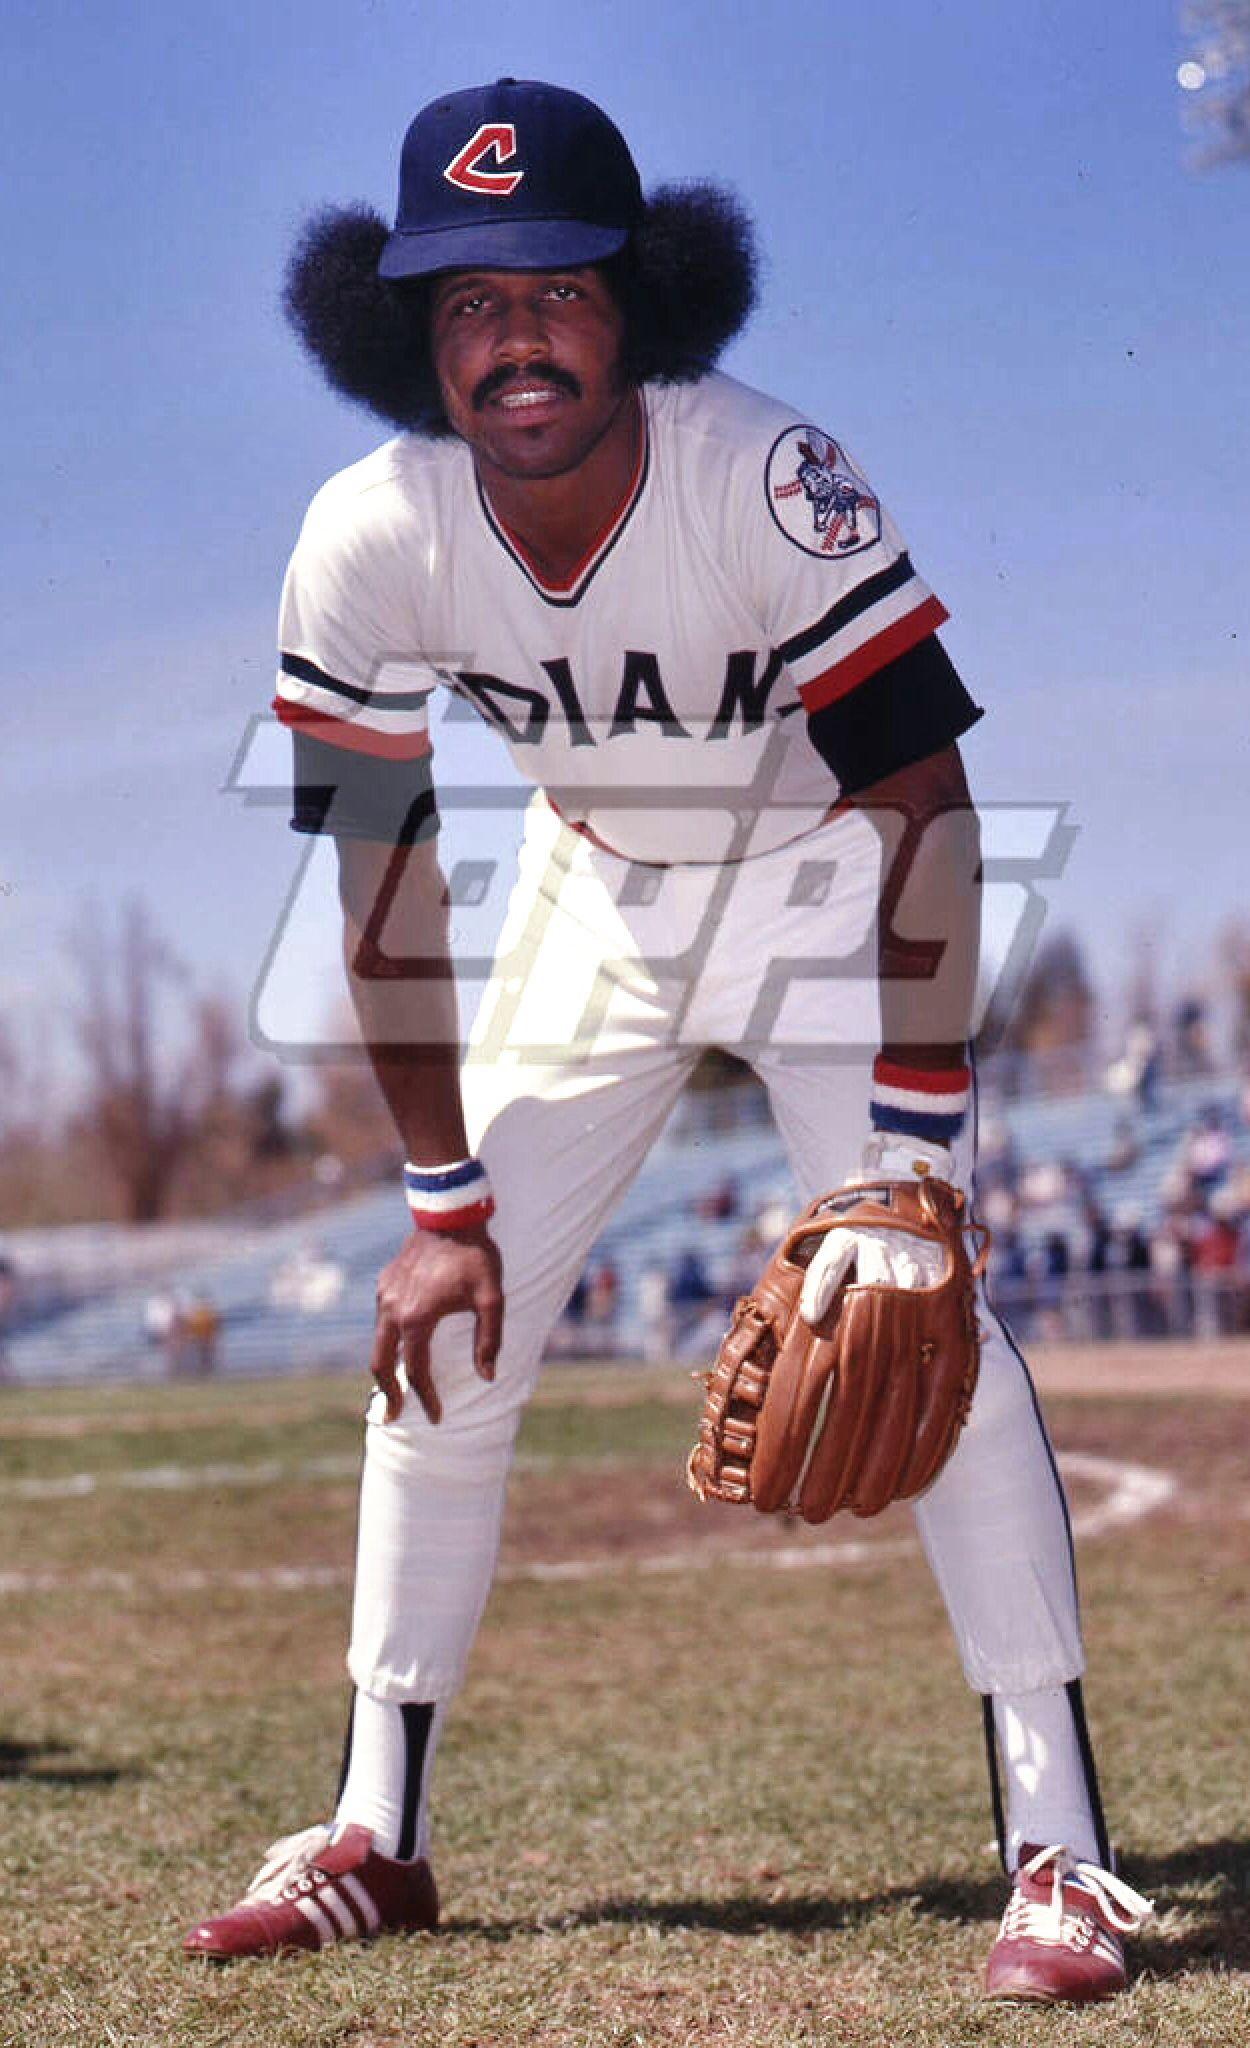 Oscar Gamble Cleveland Indians Cleveland Indians Baseball Cleveland Baseball Cleveland Indians